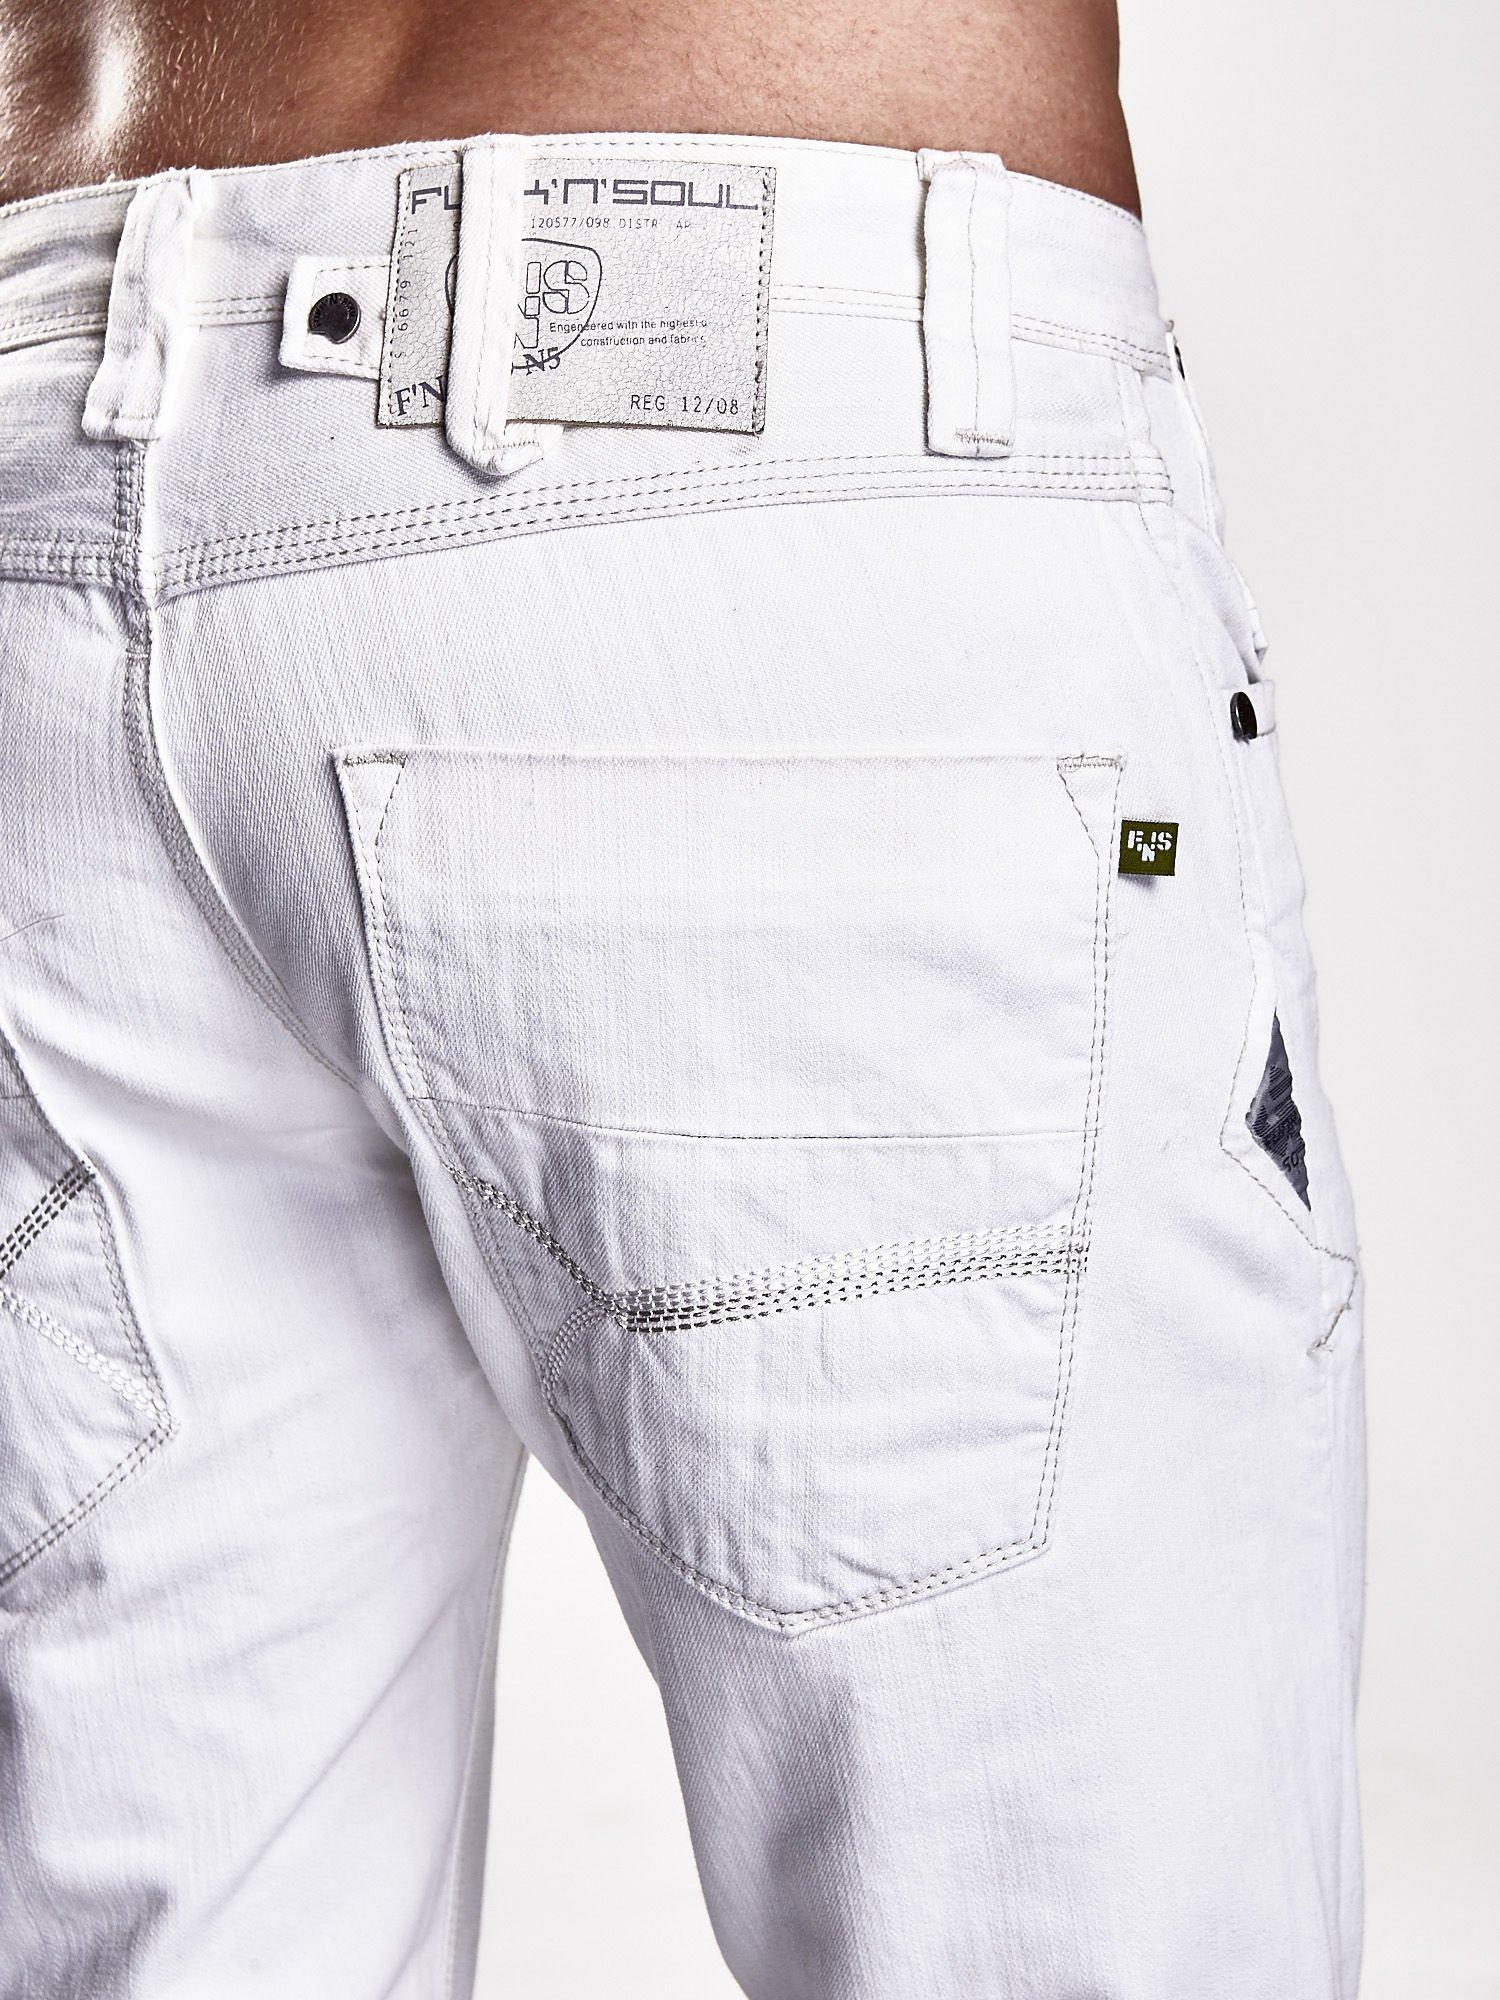 Białe spodnie męskie z ozdobnymi napami Funk n Soul                                  zdj.                                  5